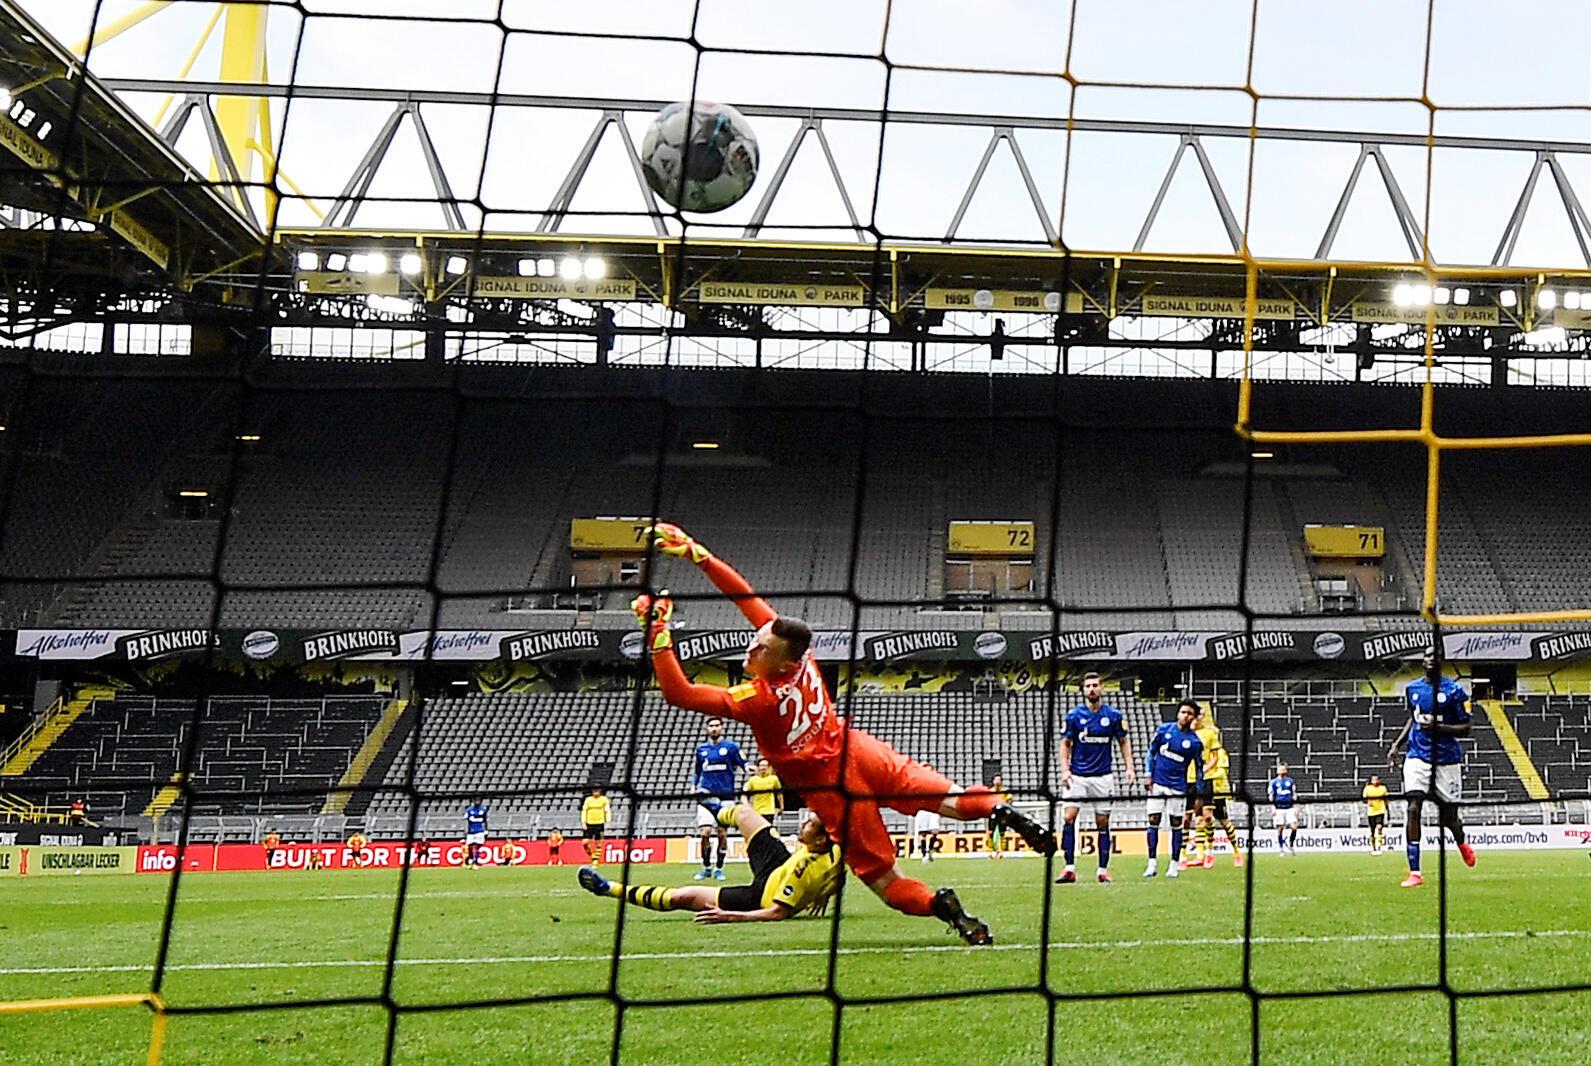 Os jogadores do Schalke e do Borussia Dortmund se enfrentaram diante de uma arquibancada vazia.